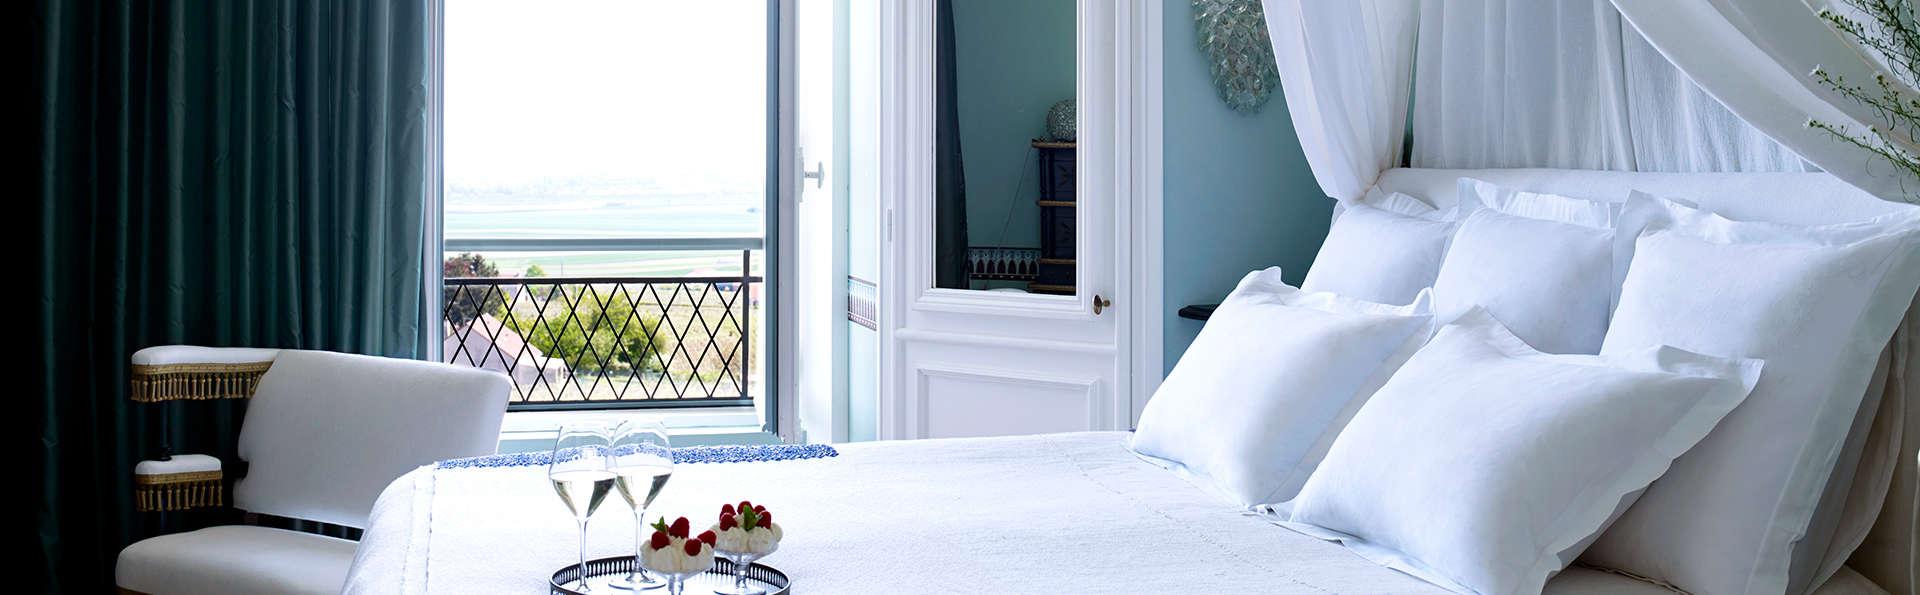 Disfruta de una gran suite con vistas a los viñedos